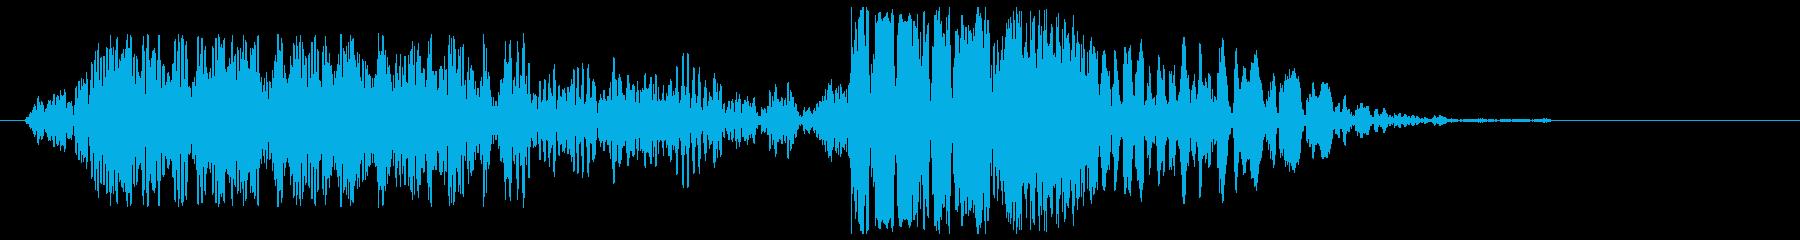 ブーンバシッの効果音の再生済みの波形